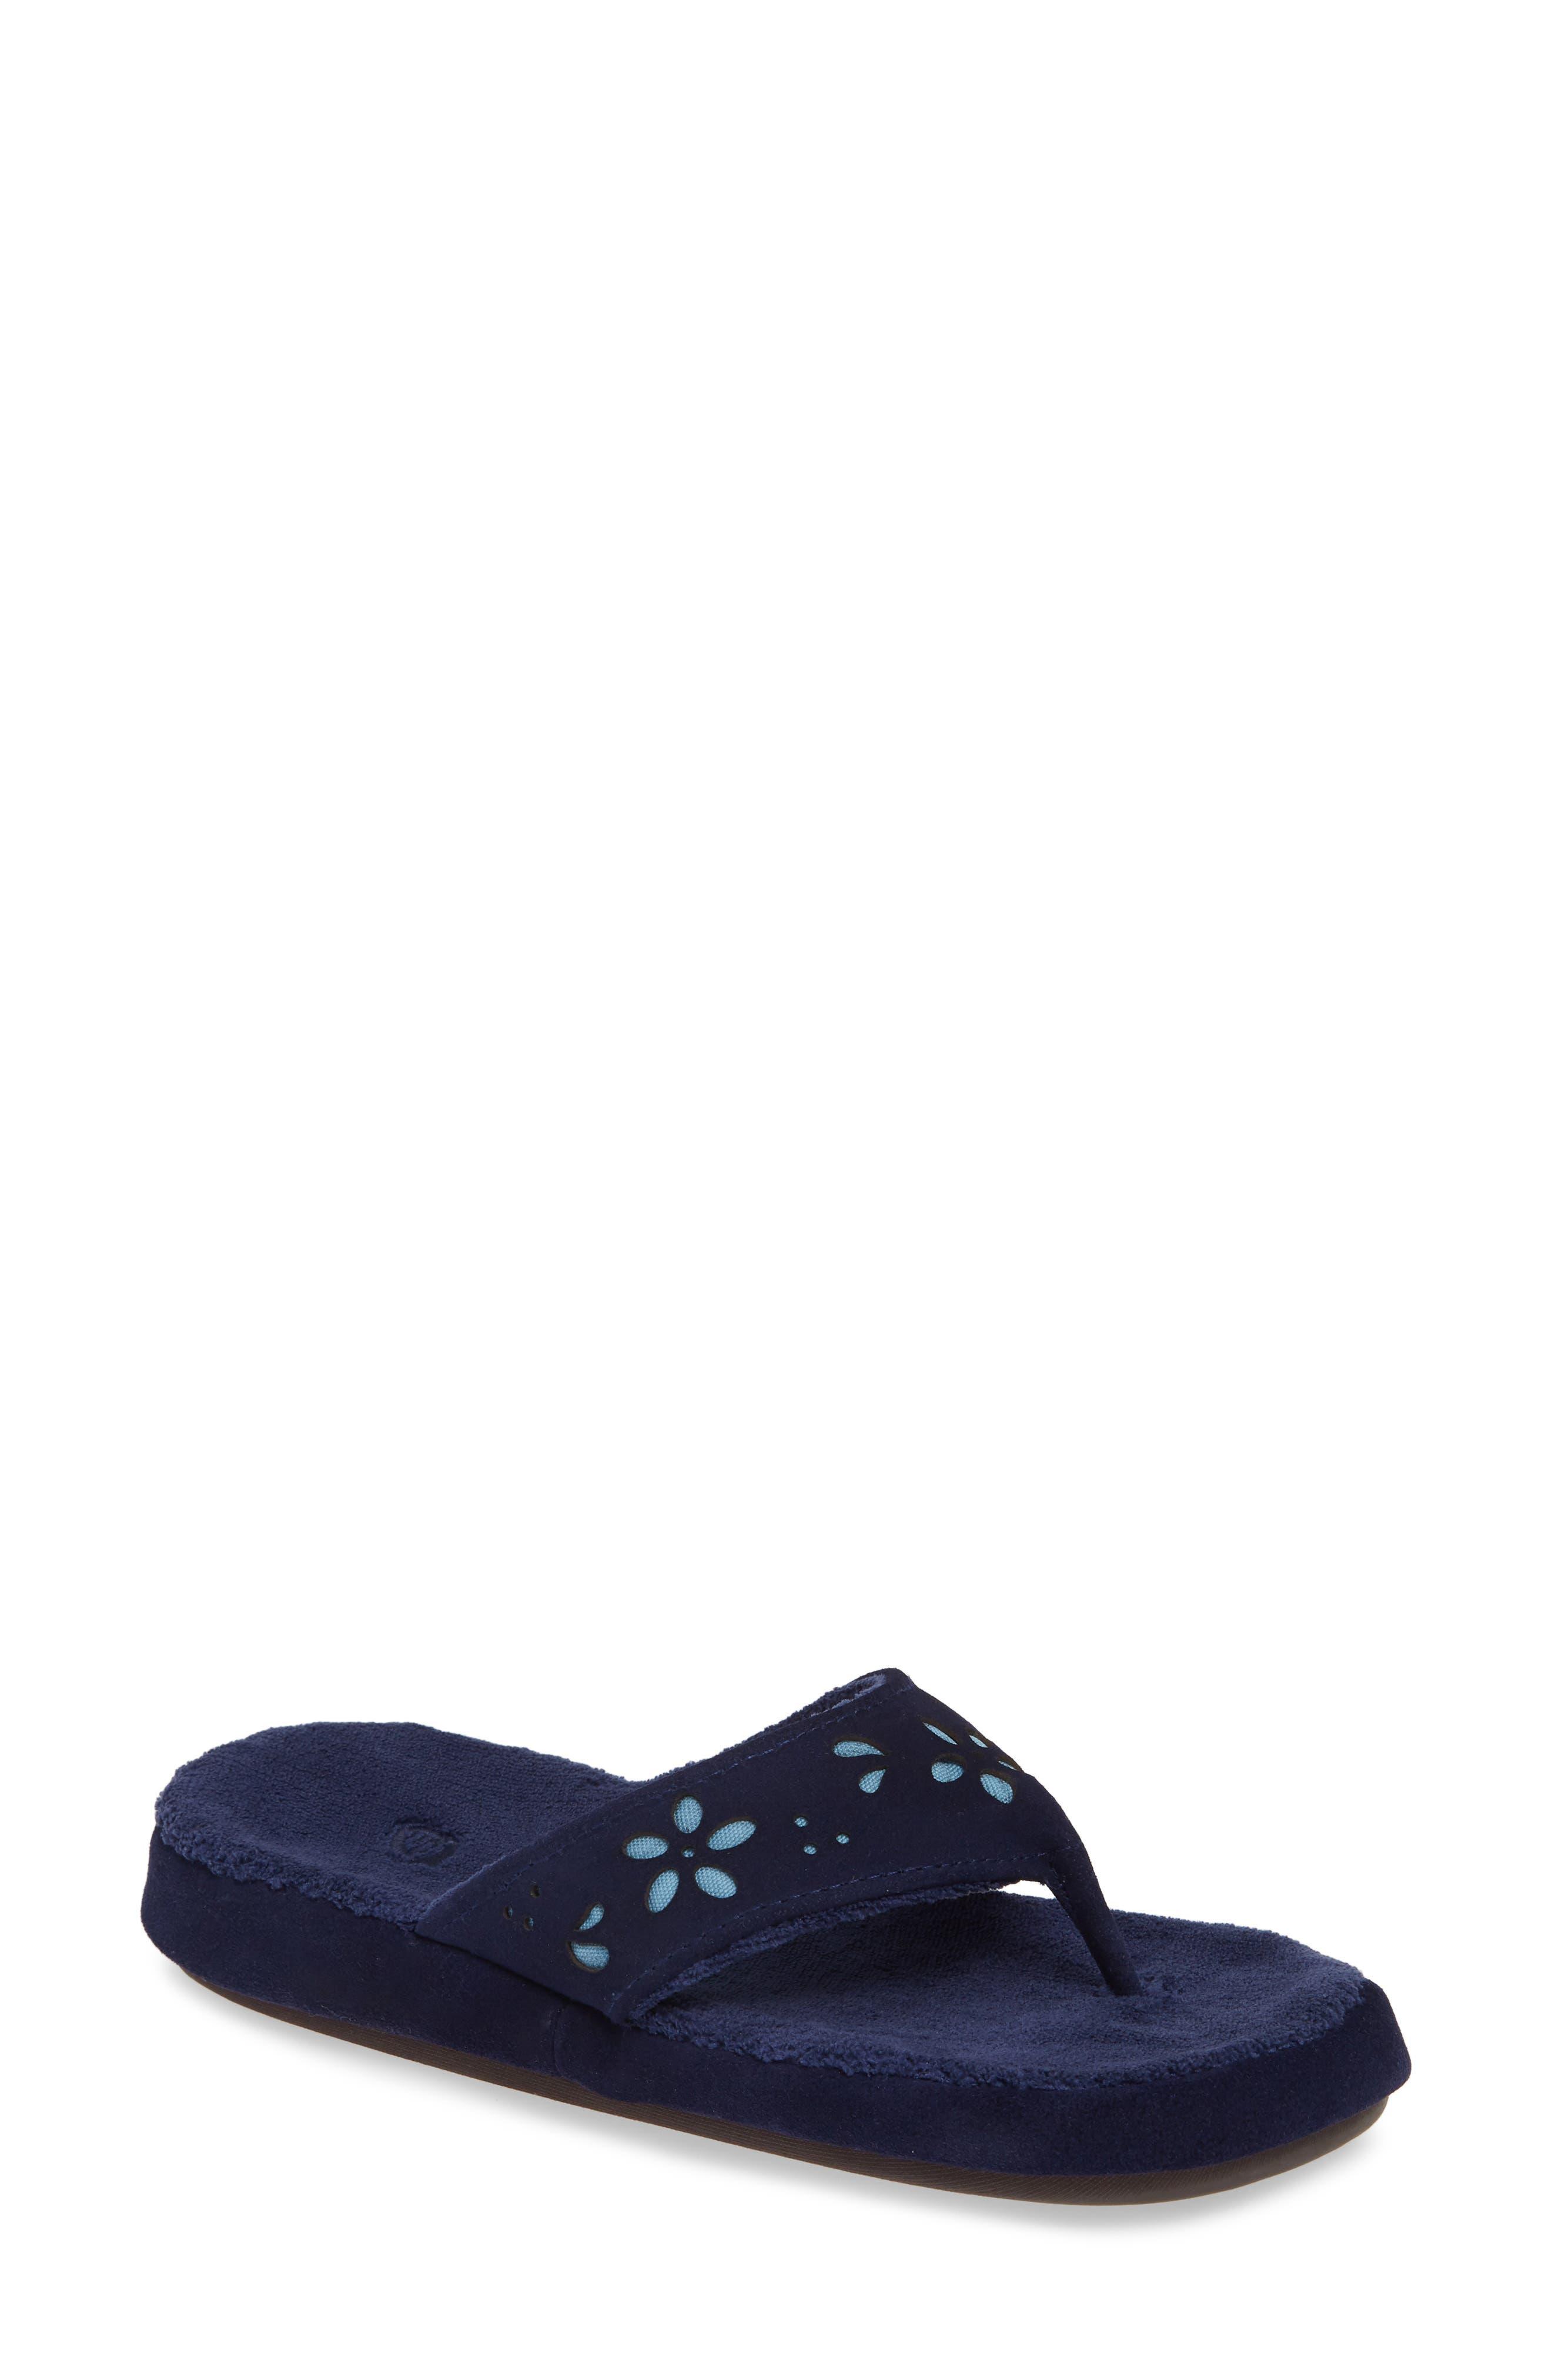 Acorn Flora Spa Flip Flop, Blue